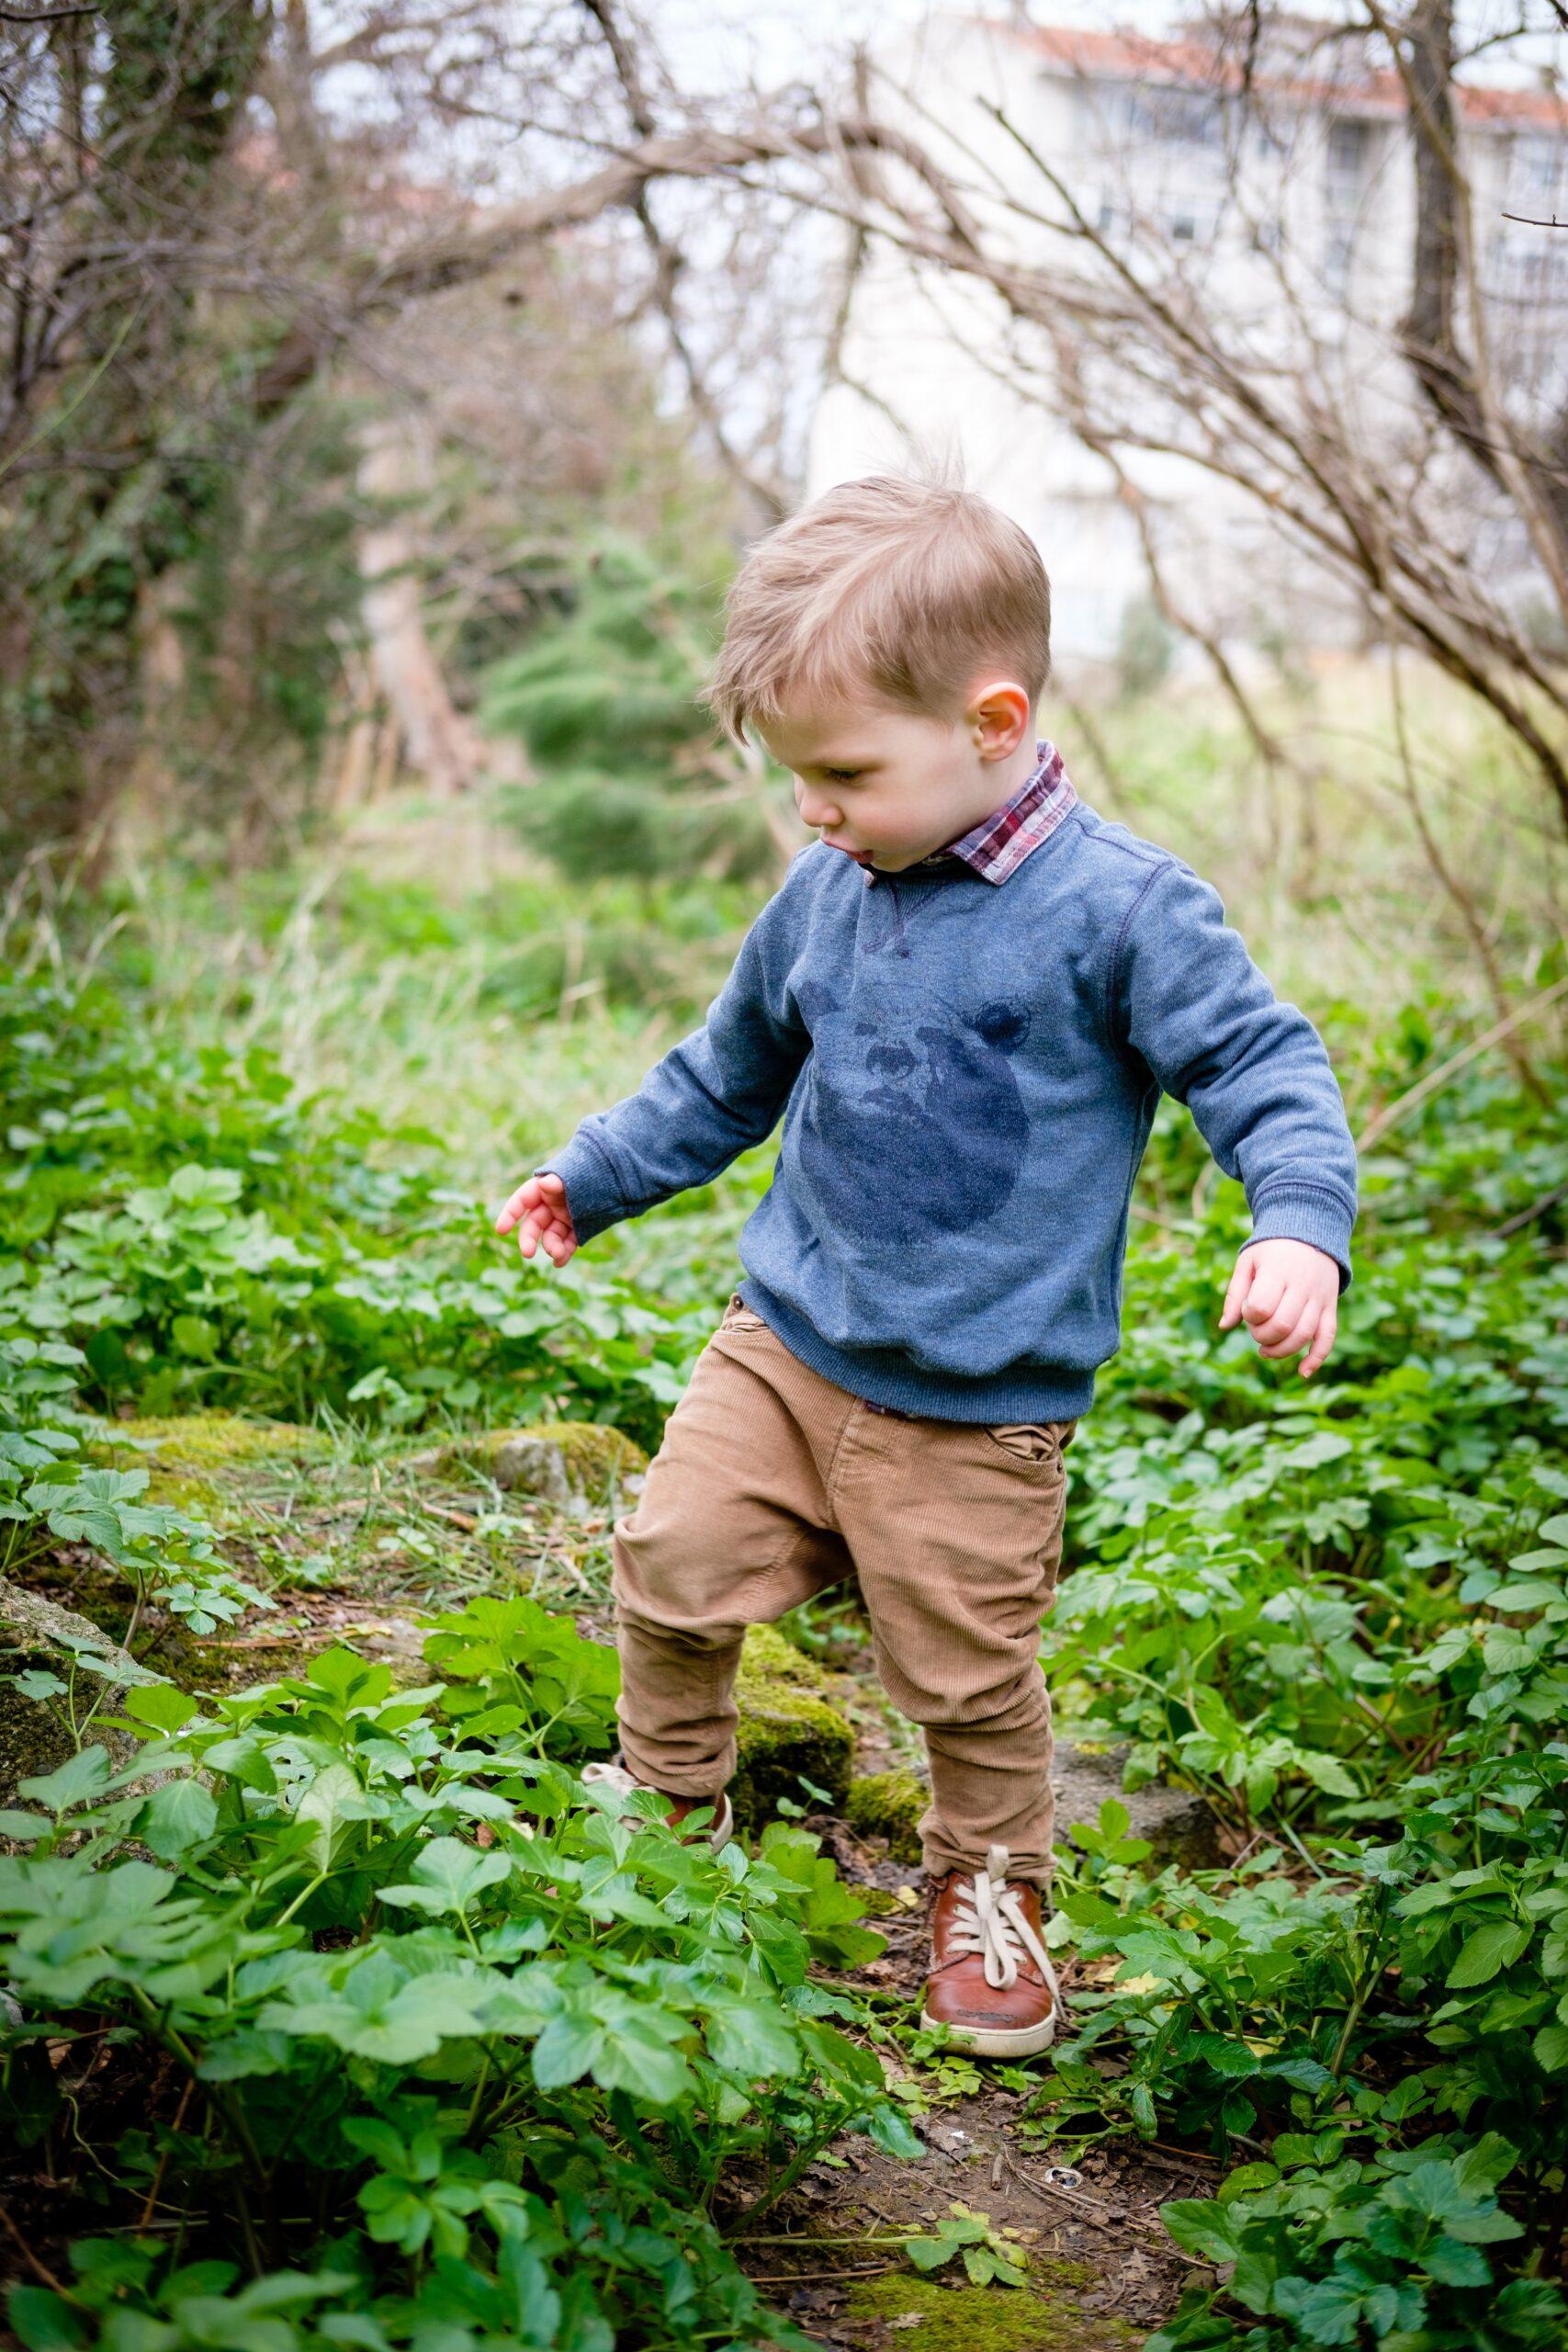 Ερευνα: Η επαφή με τη φύση στην παιδική ηλικία οδηγεί σε καλύτερη ψυχική υγεία στην ενήλικη ζωή 1